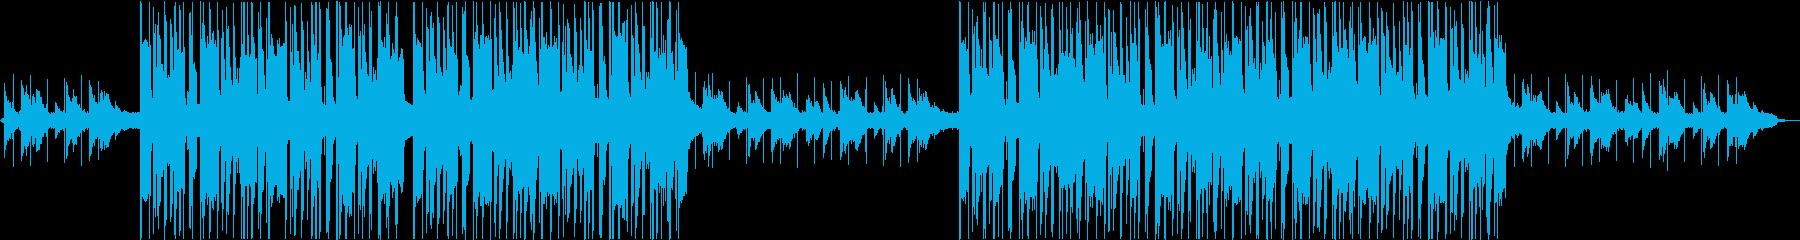 ソフトライトアーバンヒップホップの再生済みの波形